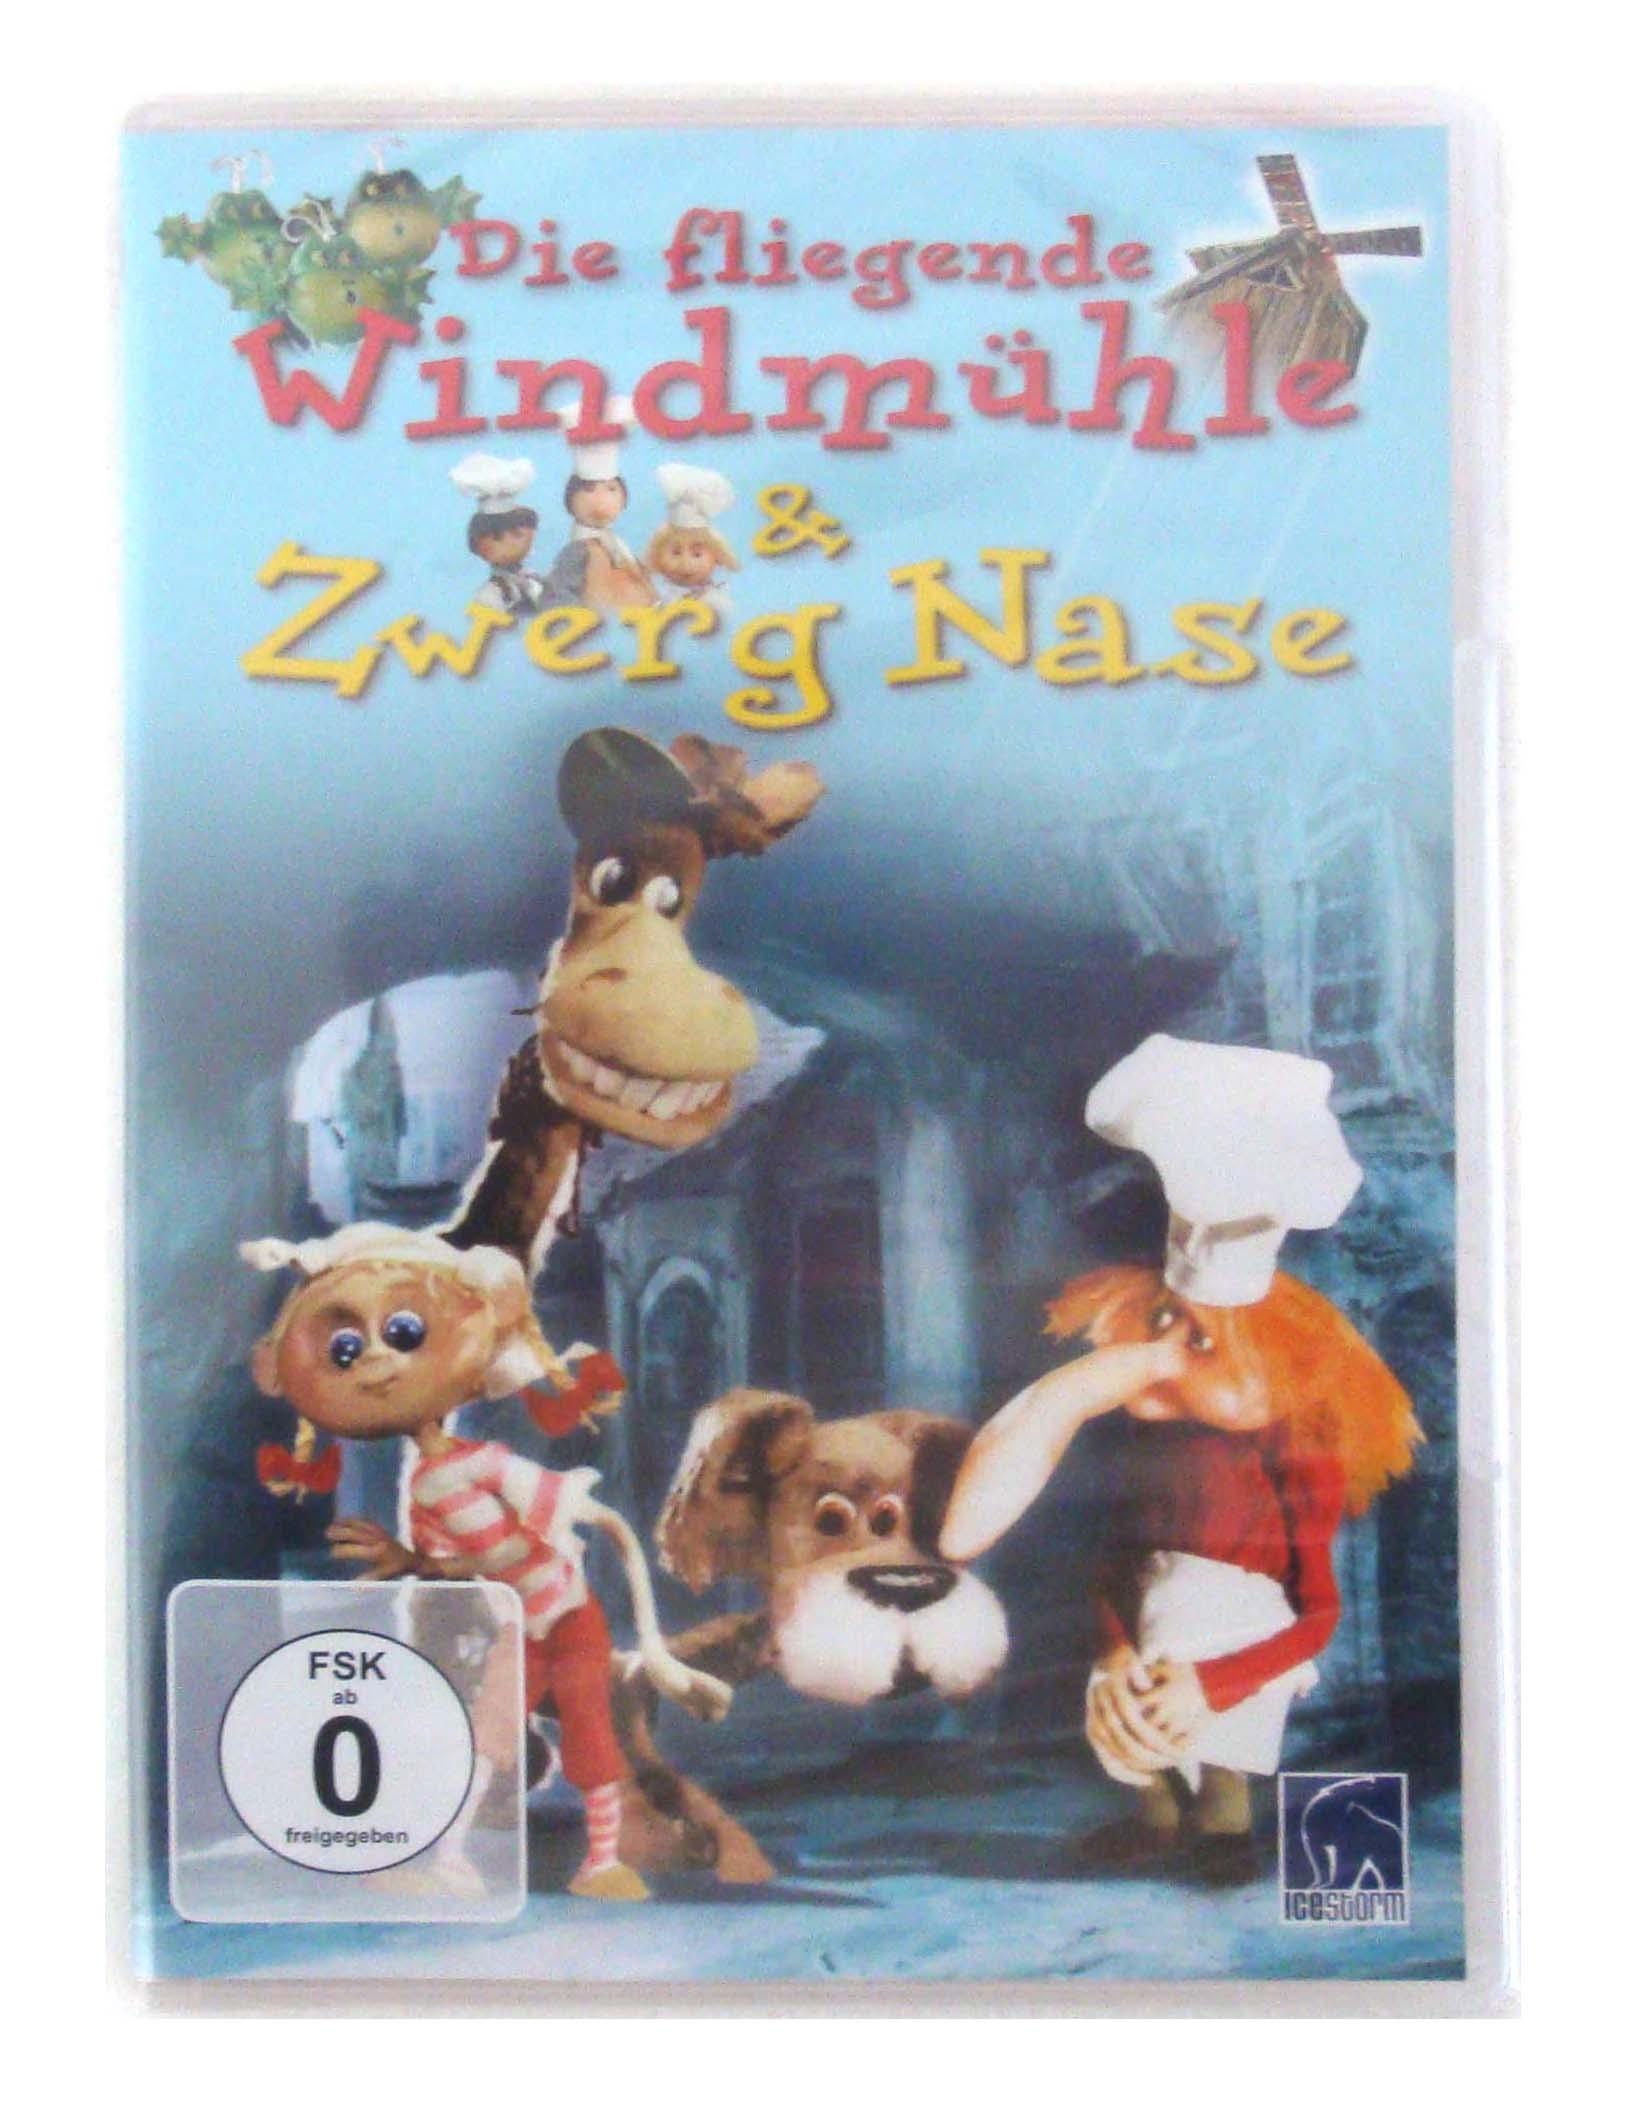 Die Fliegende Windmuhle Zwerg Nase Dvd Dvd S Ddr Film Und